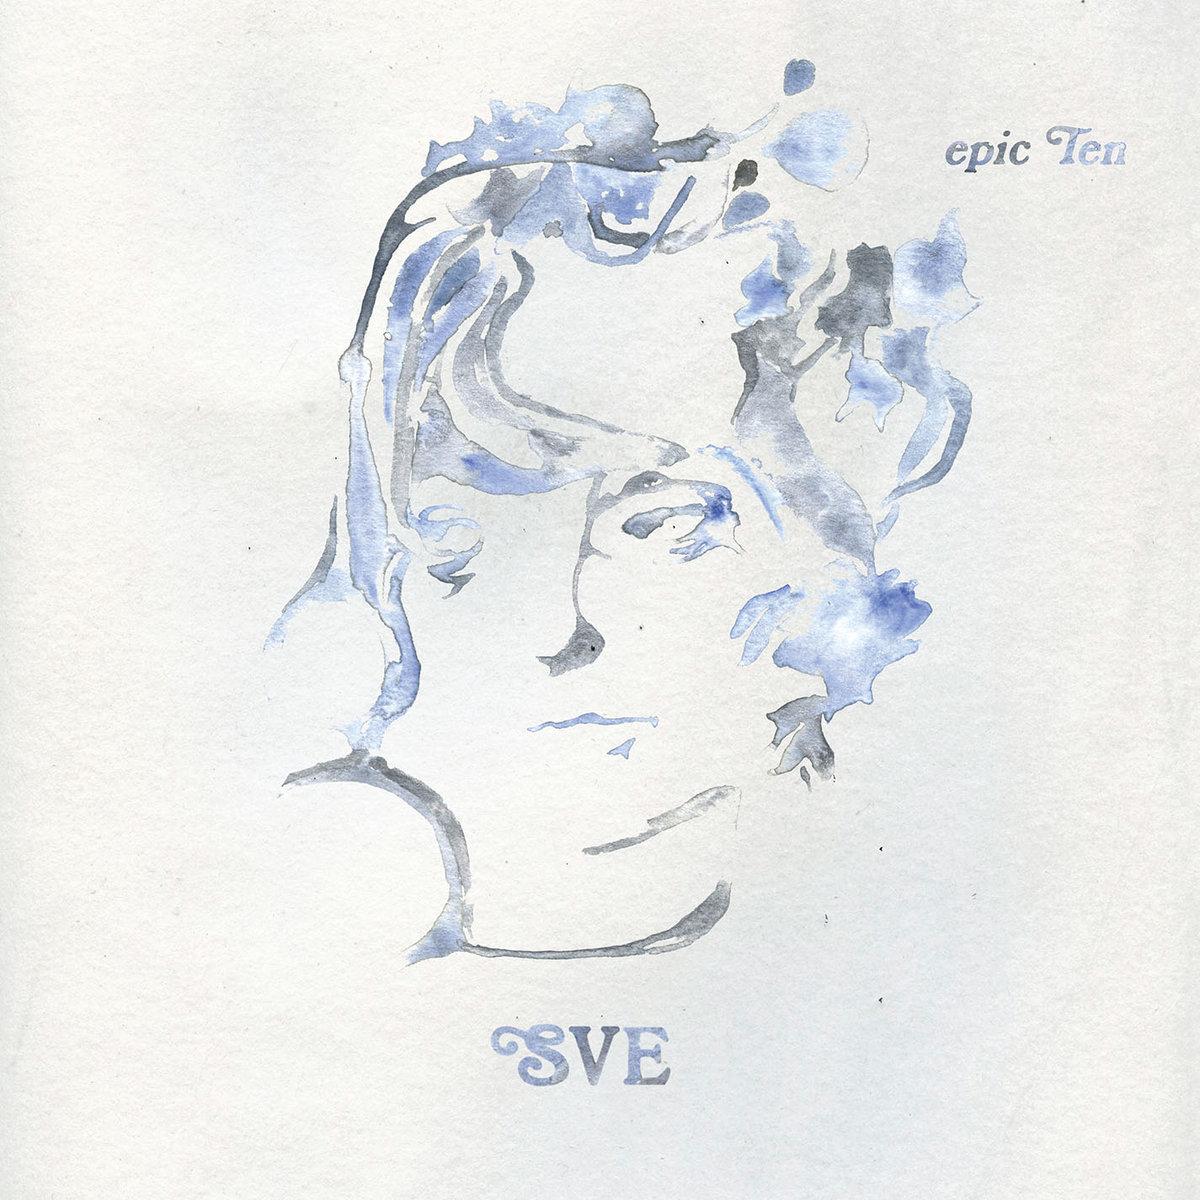 Capa do álbum Epic Ten. Nele consta um fundo branco texturizado, onde está no centro o desenho de um rosto de uma mulher, em tons de azul claro e cinza, que estão mesclados. Em baixo estão as iniciais da cantora, SVE, também em tons de azul e cinza.